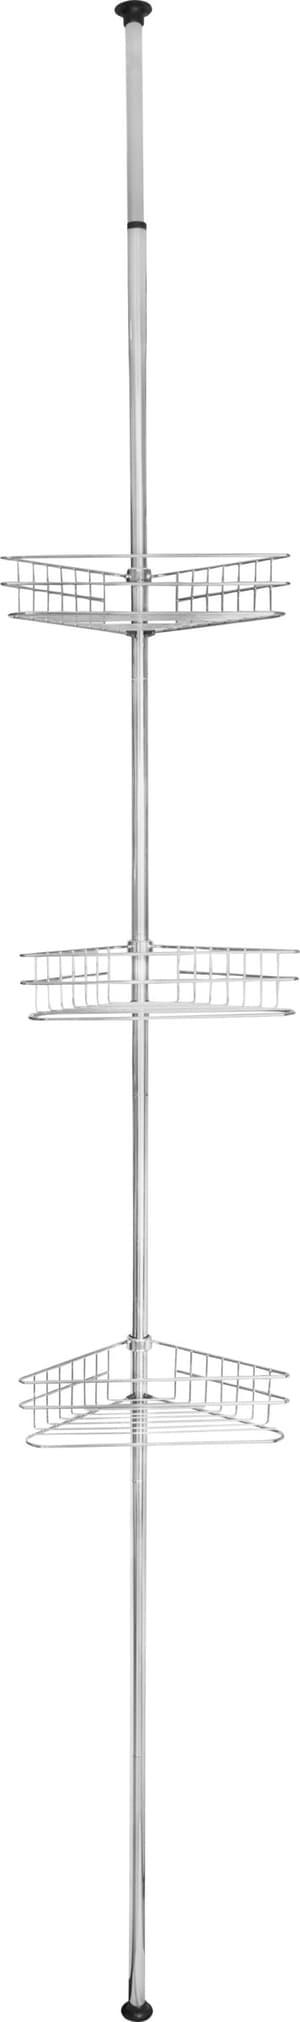 Porte-accessoires pour la douche